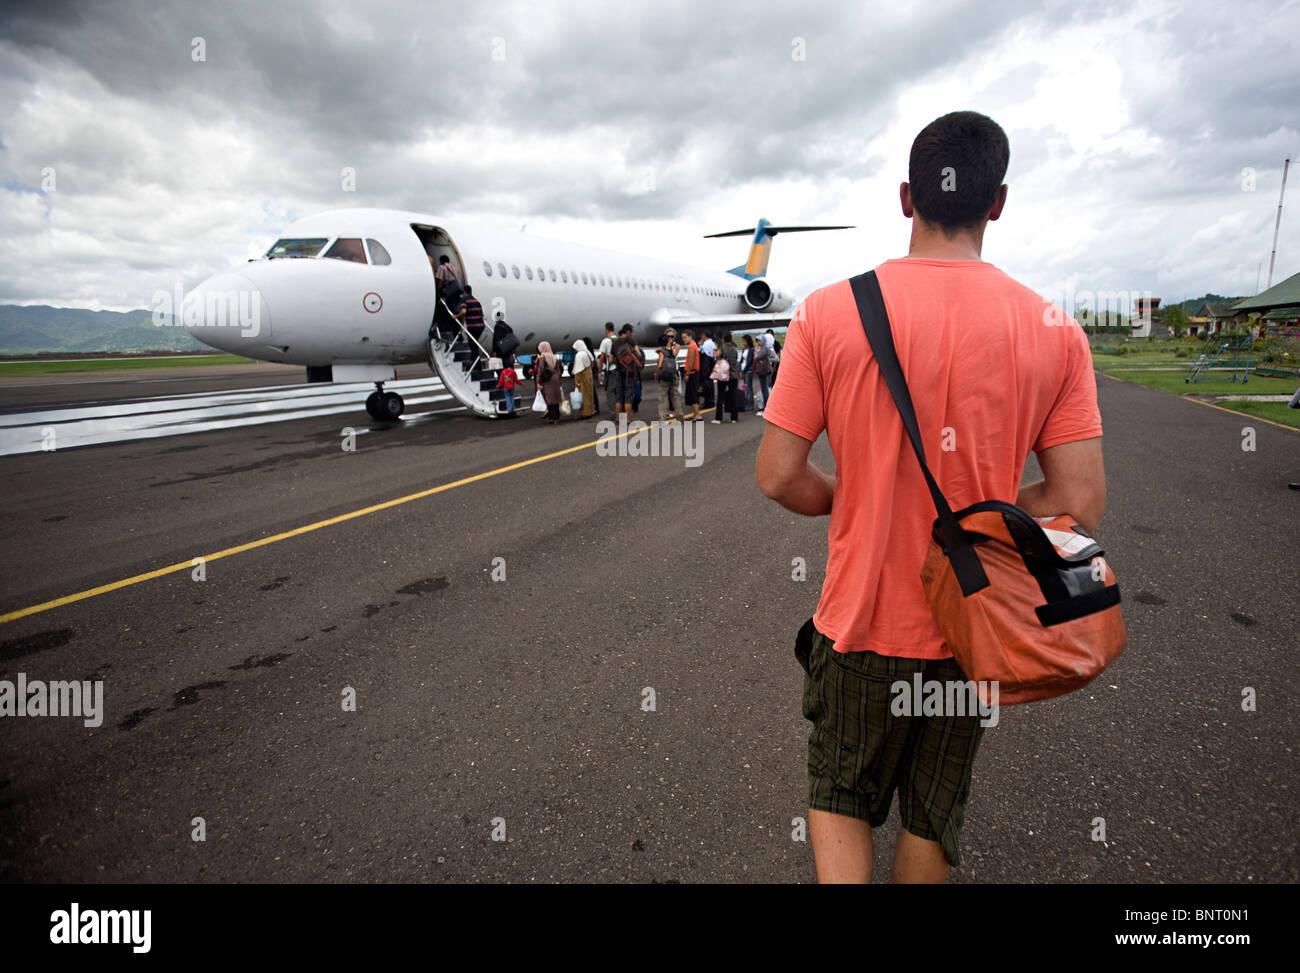 Hombre alto con bolsa de hombro camina al avión. Imagen De Stock